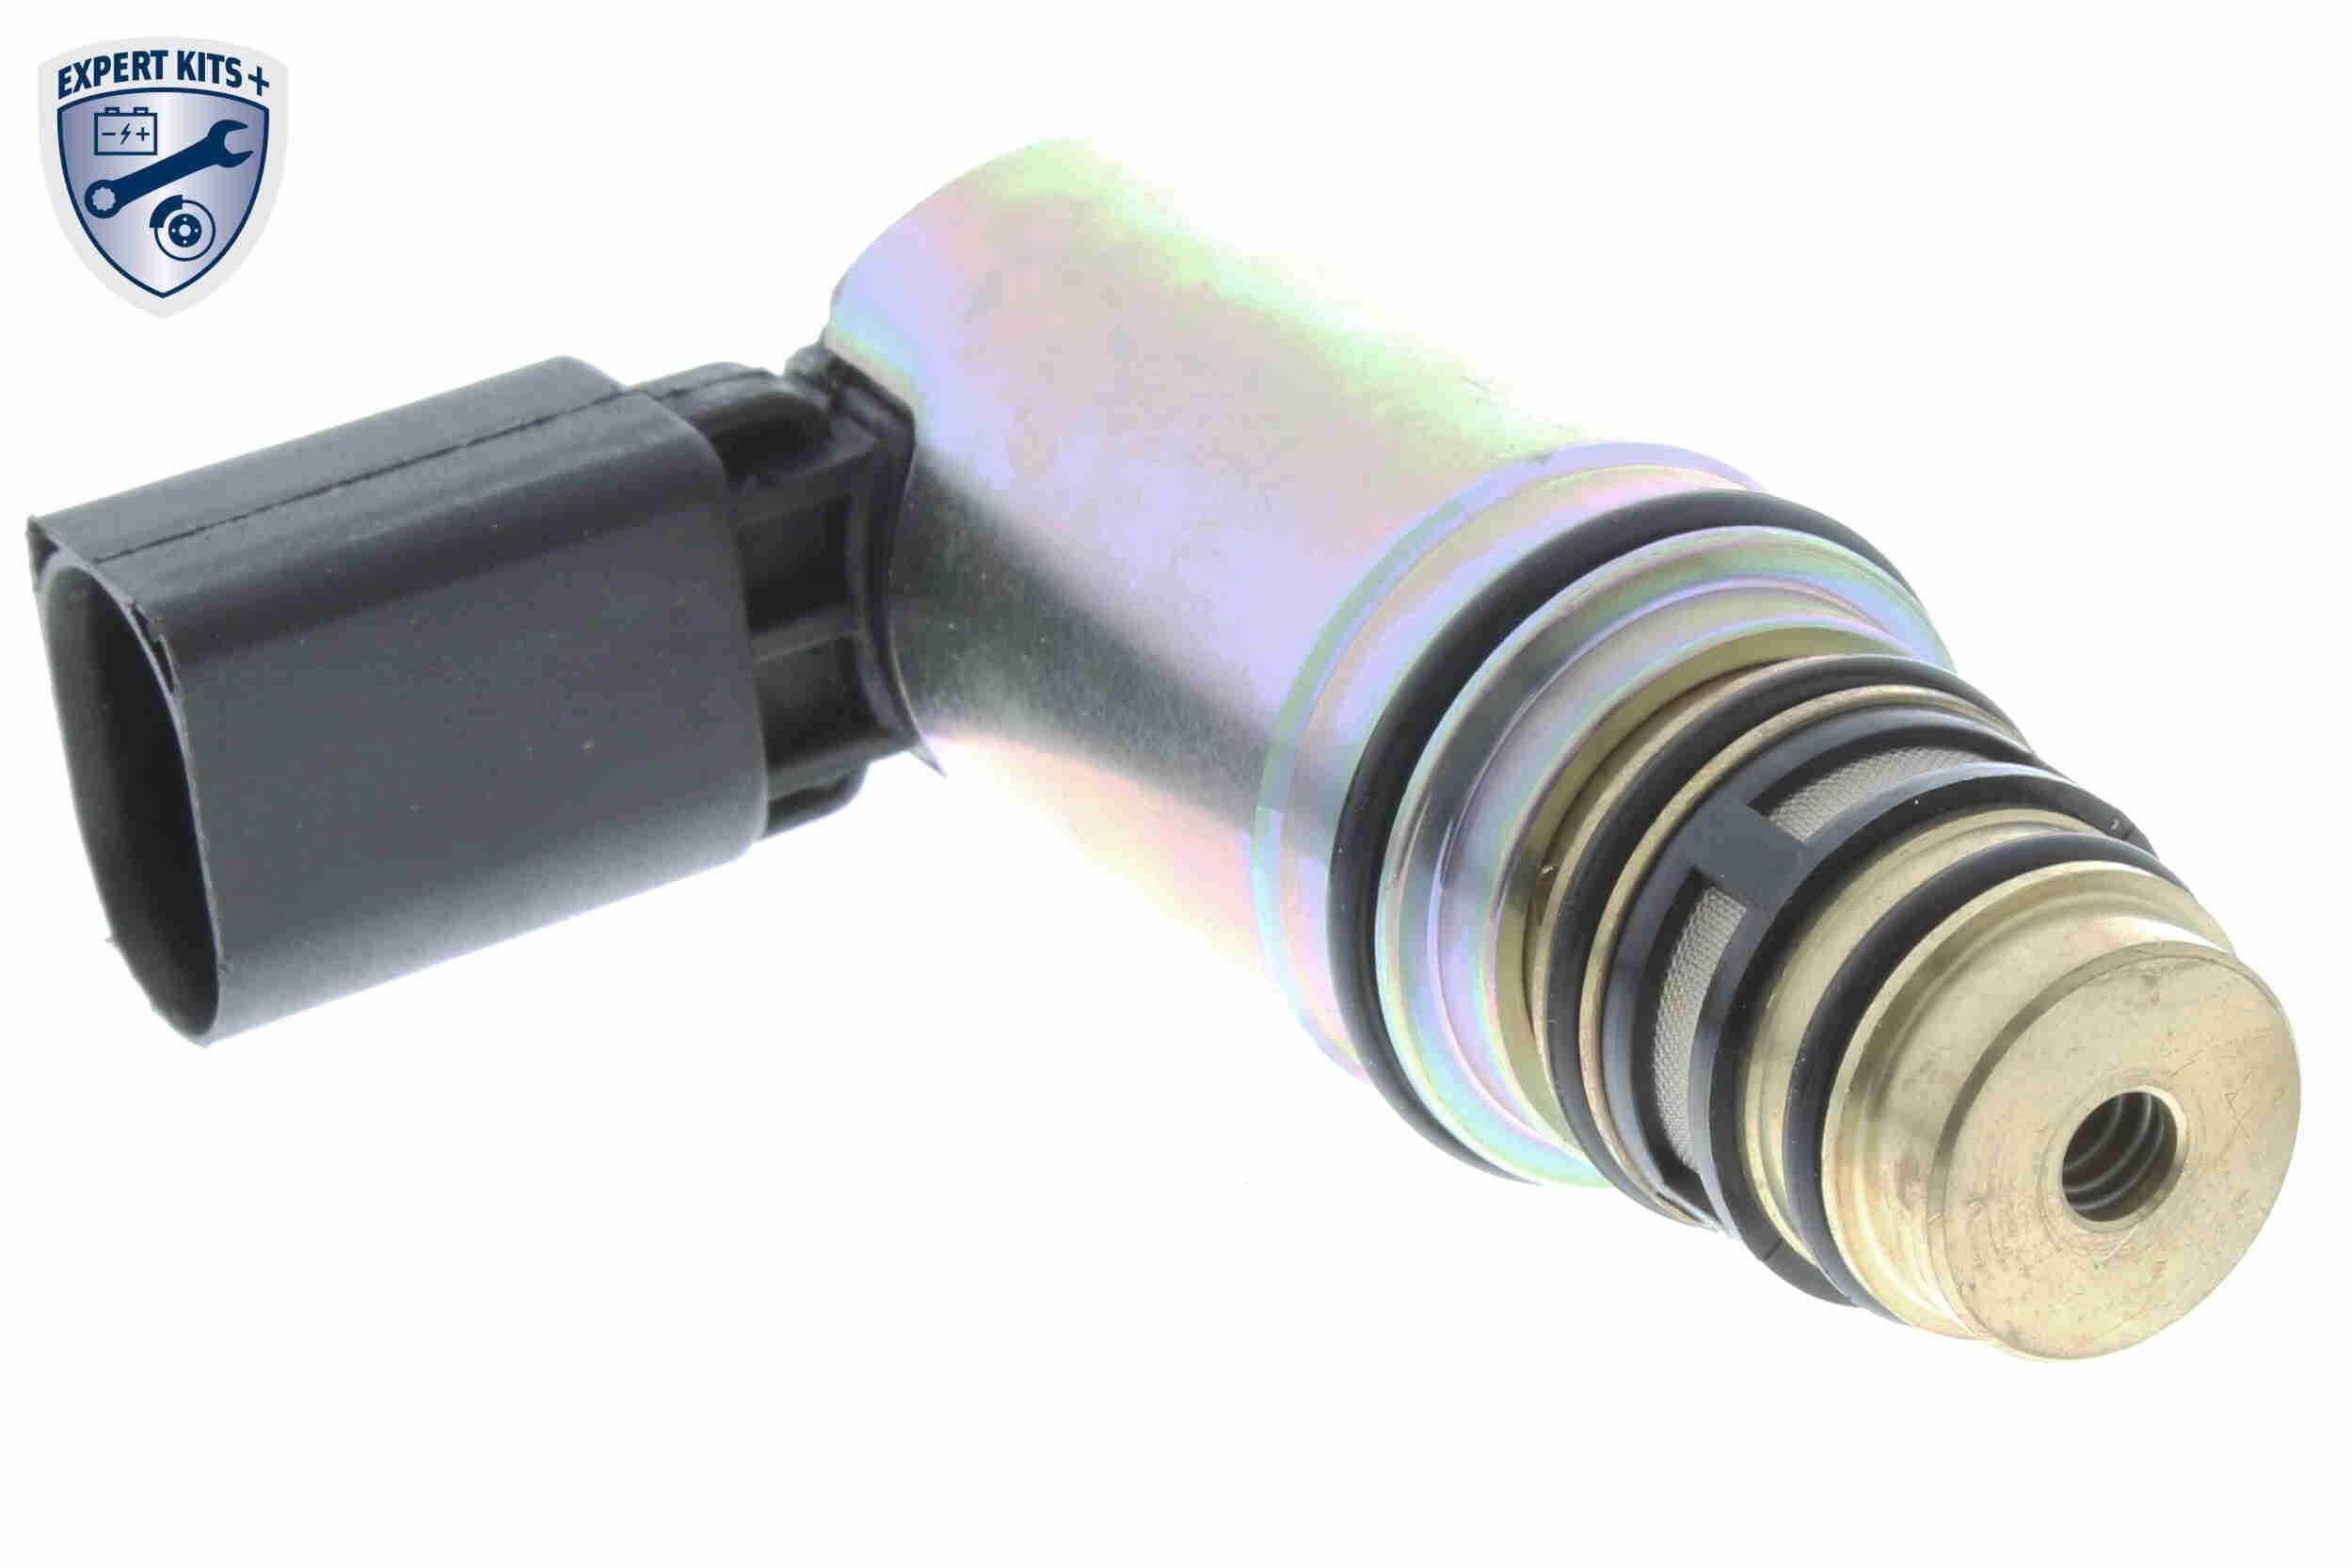 Supapa regulatoare, compresor V15-77-1014 VW Jetta 1k2 a.f. 2009 — primiți-vă reducerea acum!